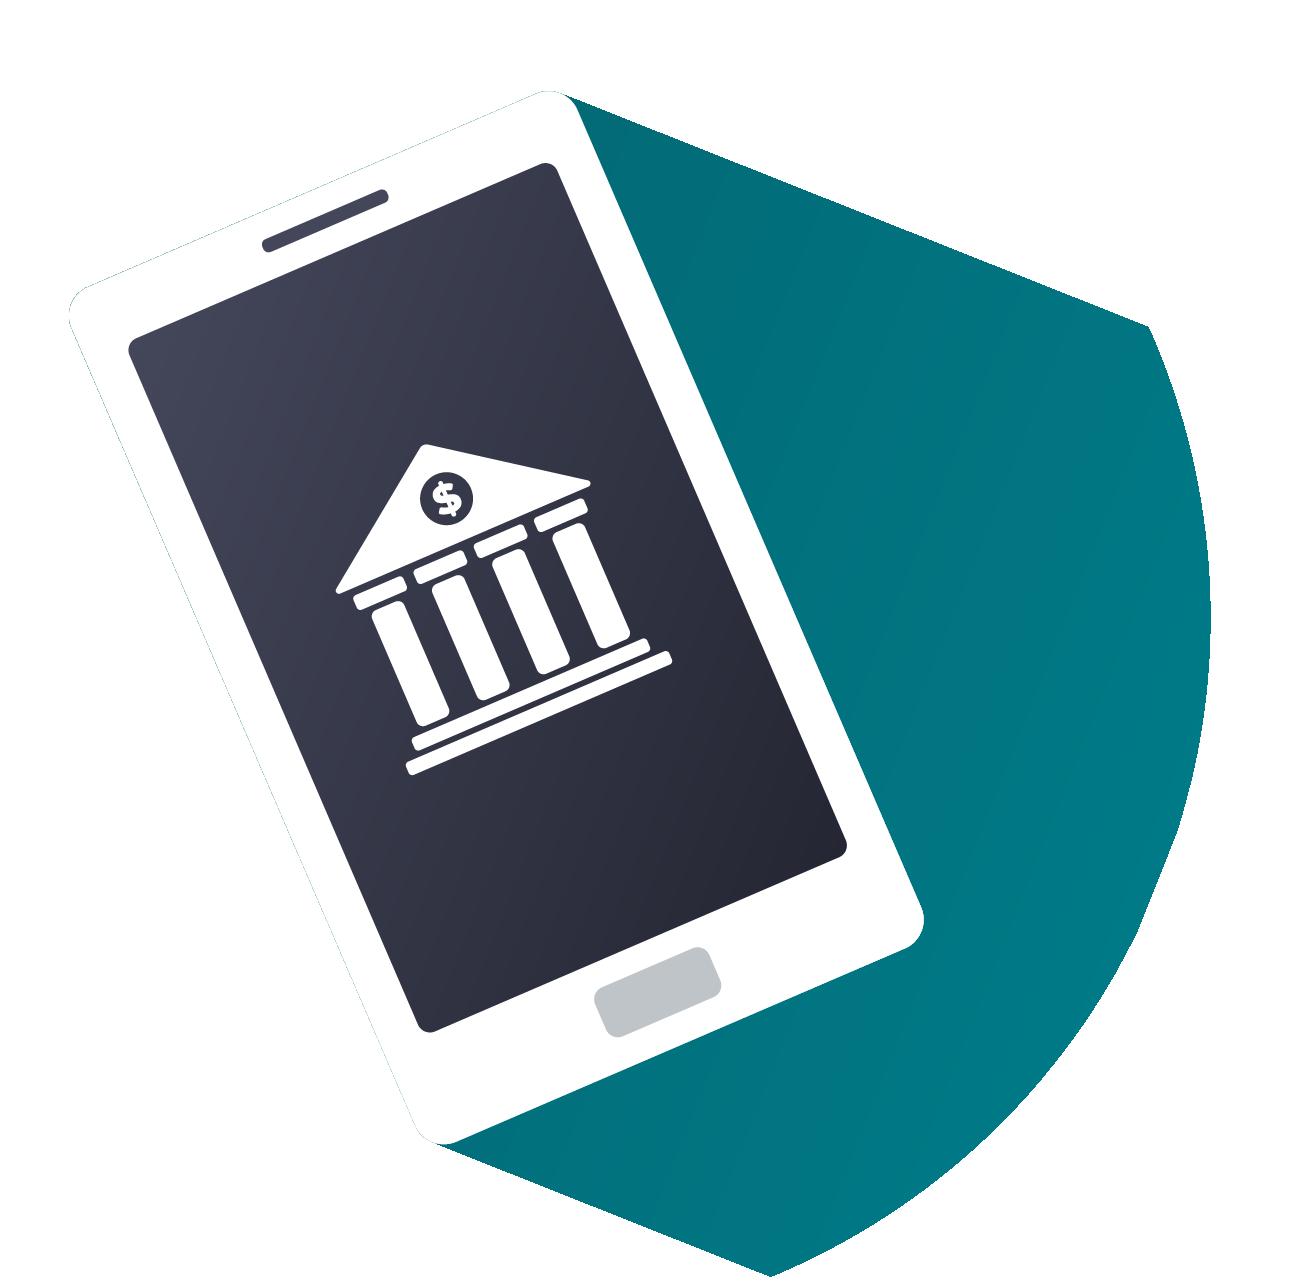 Online Banking Award 2016